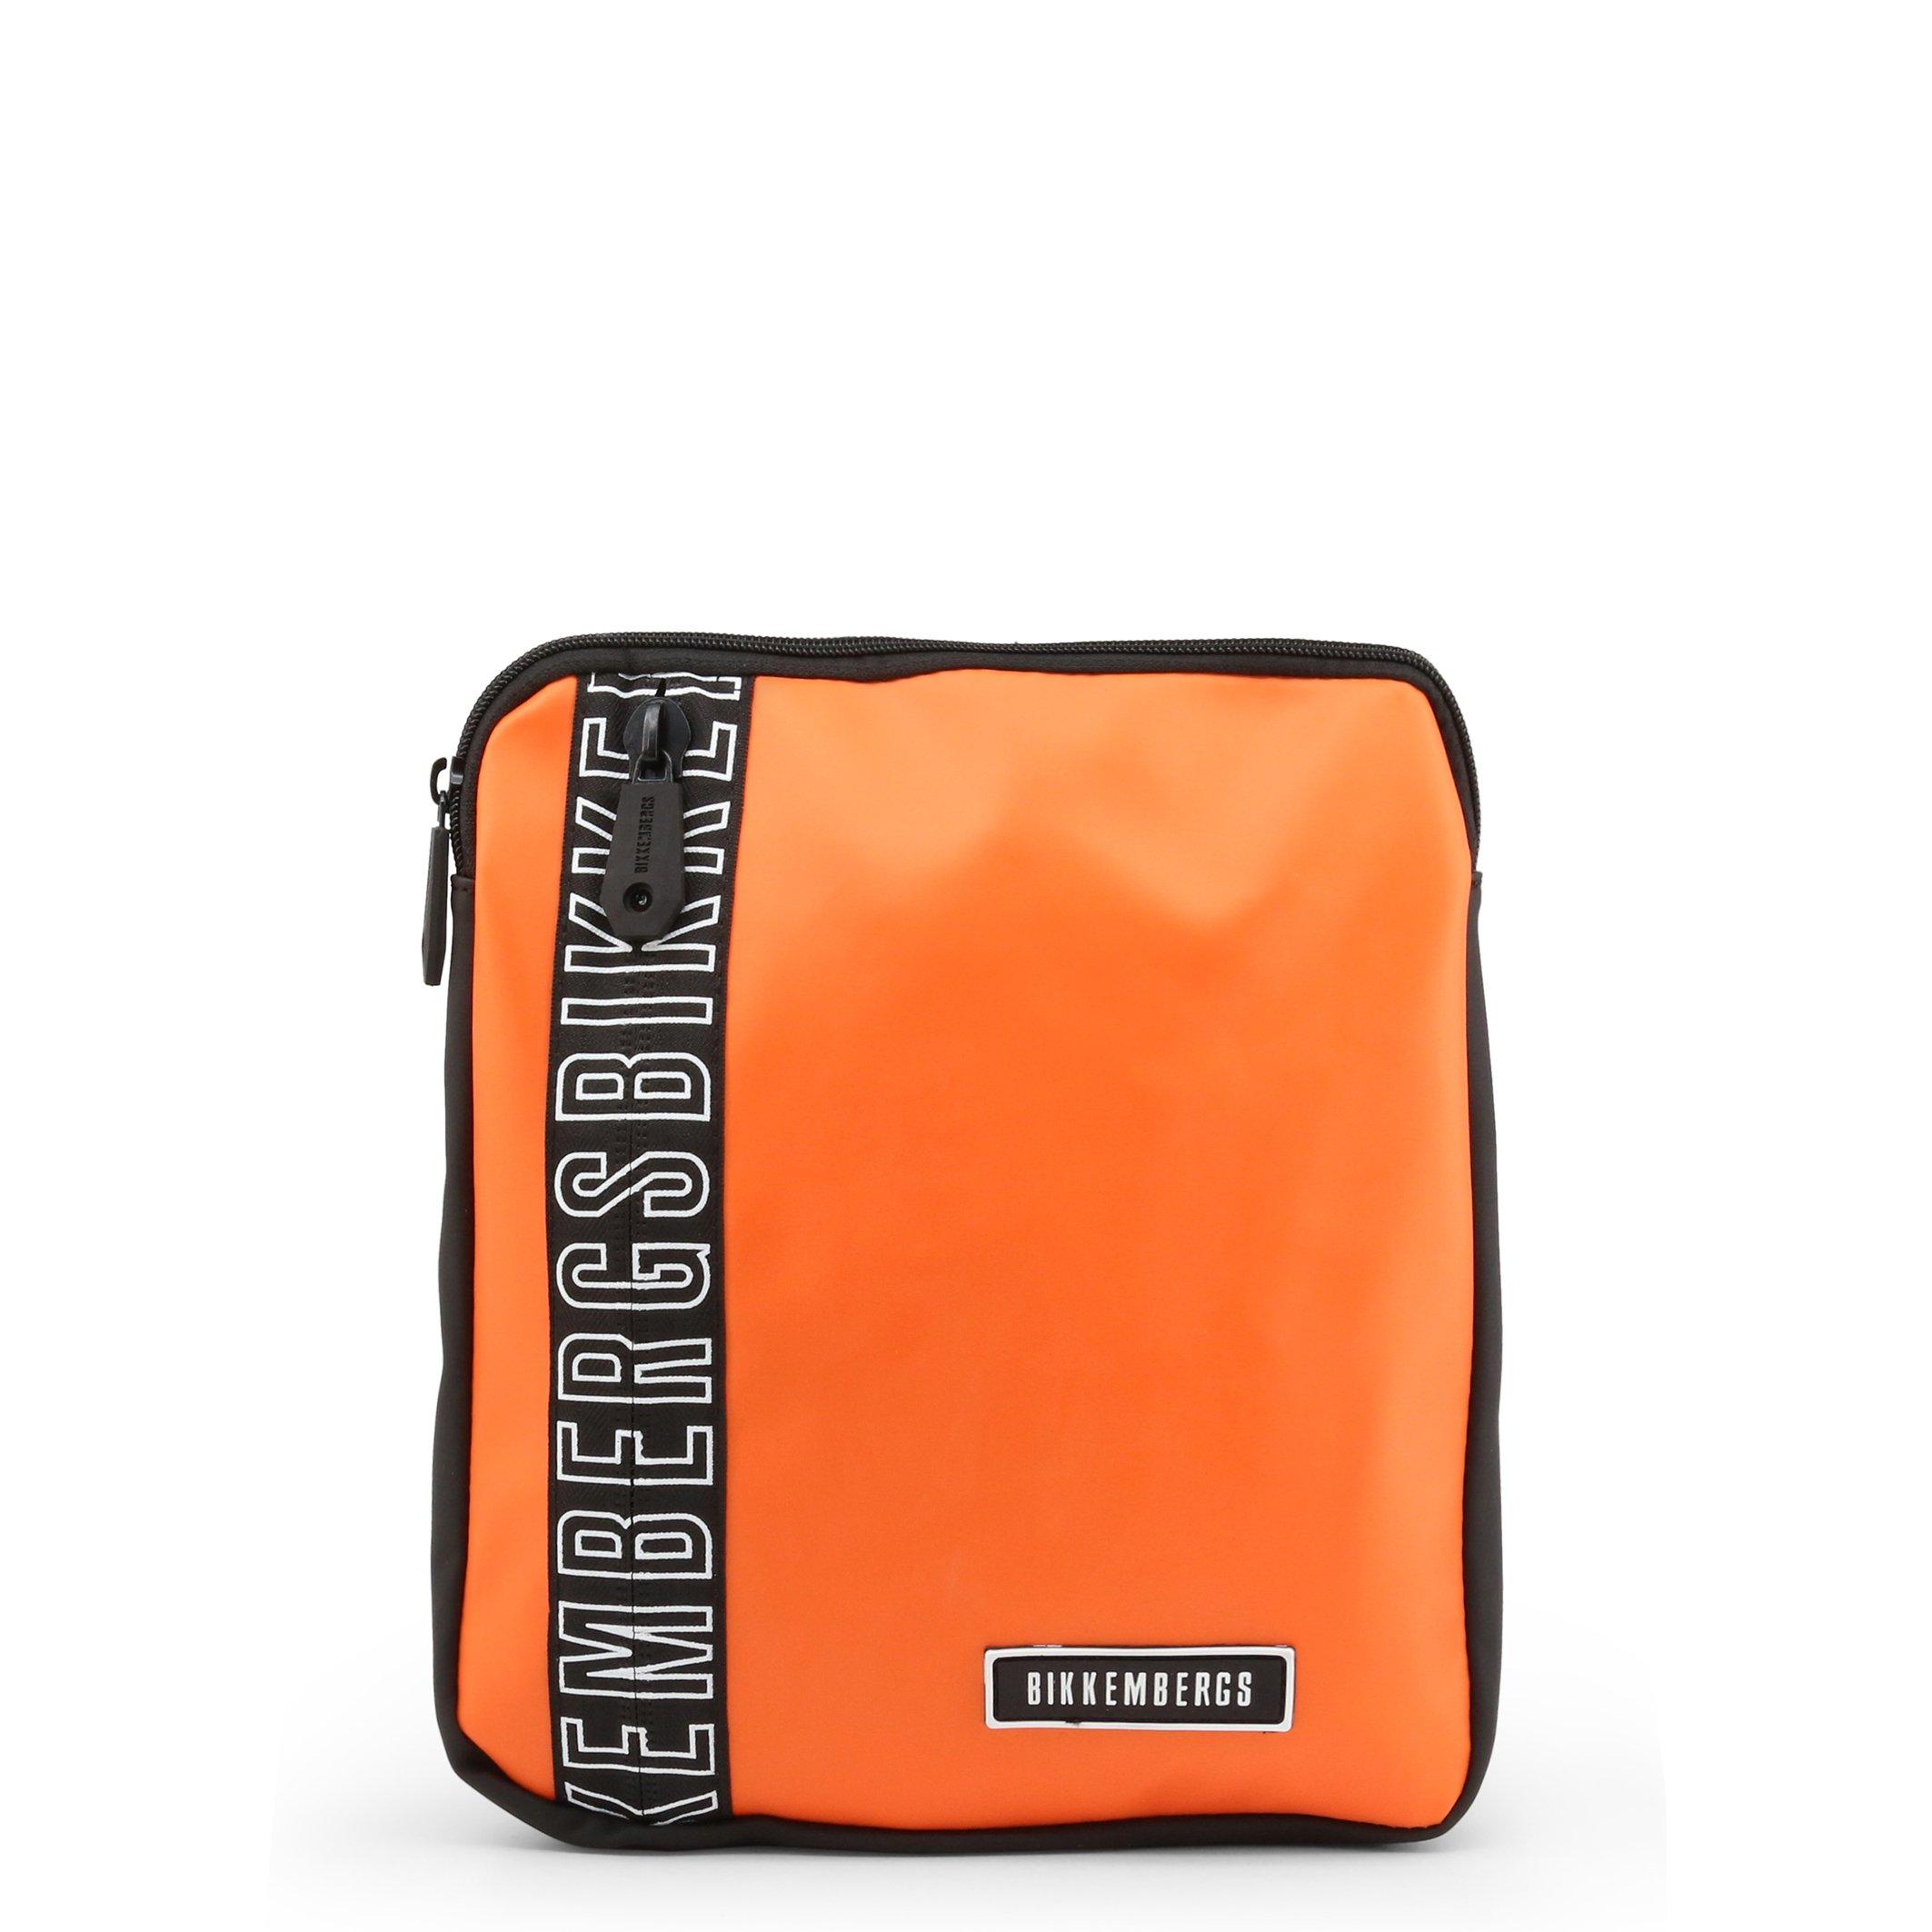 Bikkembergs Men's Crossbody Bag Various Colours E2APME170032 - orange NOSIZE